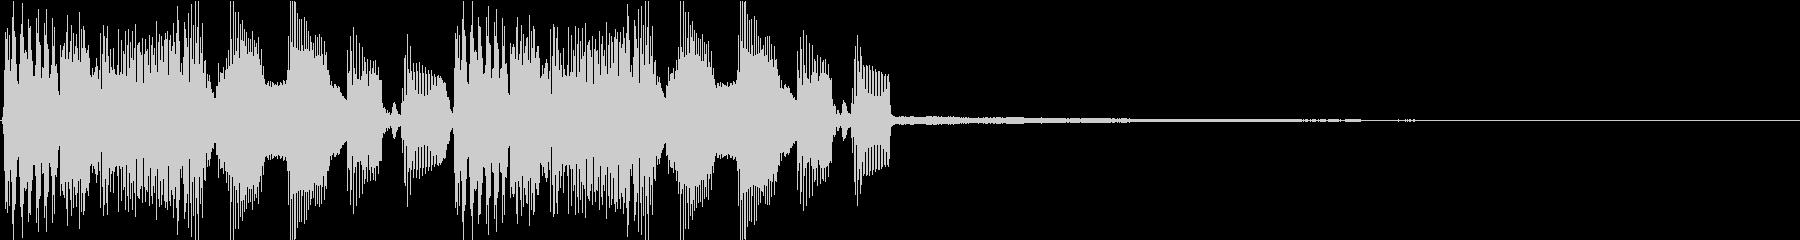 ボコーダーとベースのジングルの未再生の波形